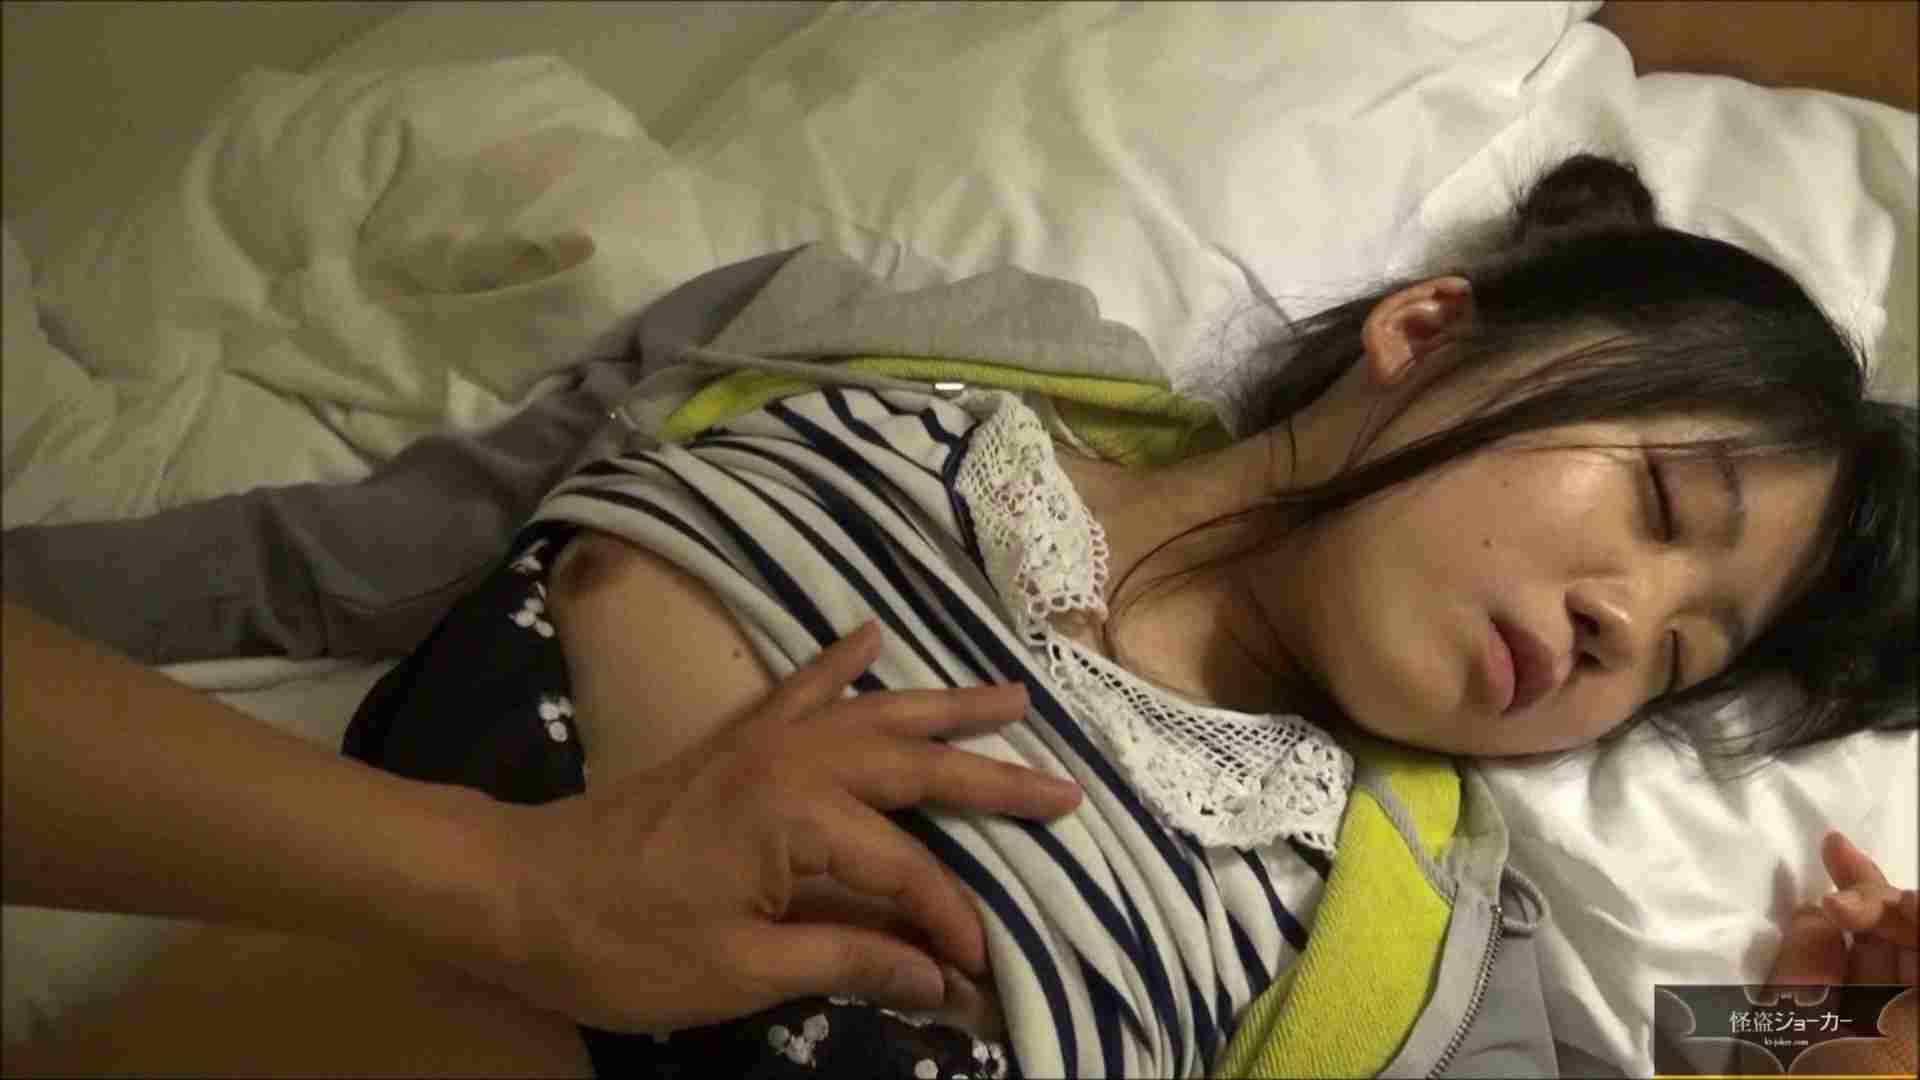 【未公開】vol.75 {関東某有名お嬢様JD}yuunaちゃん① ホテル  50pic 9